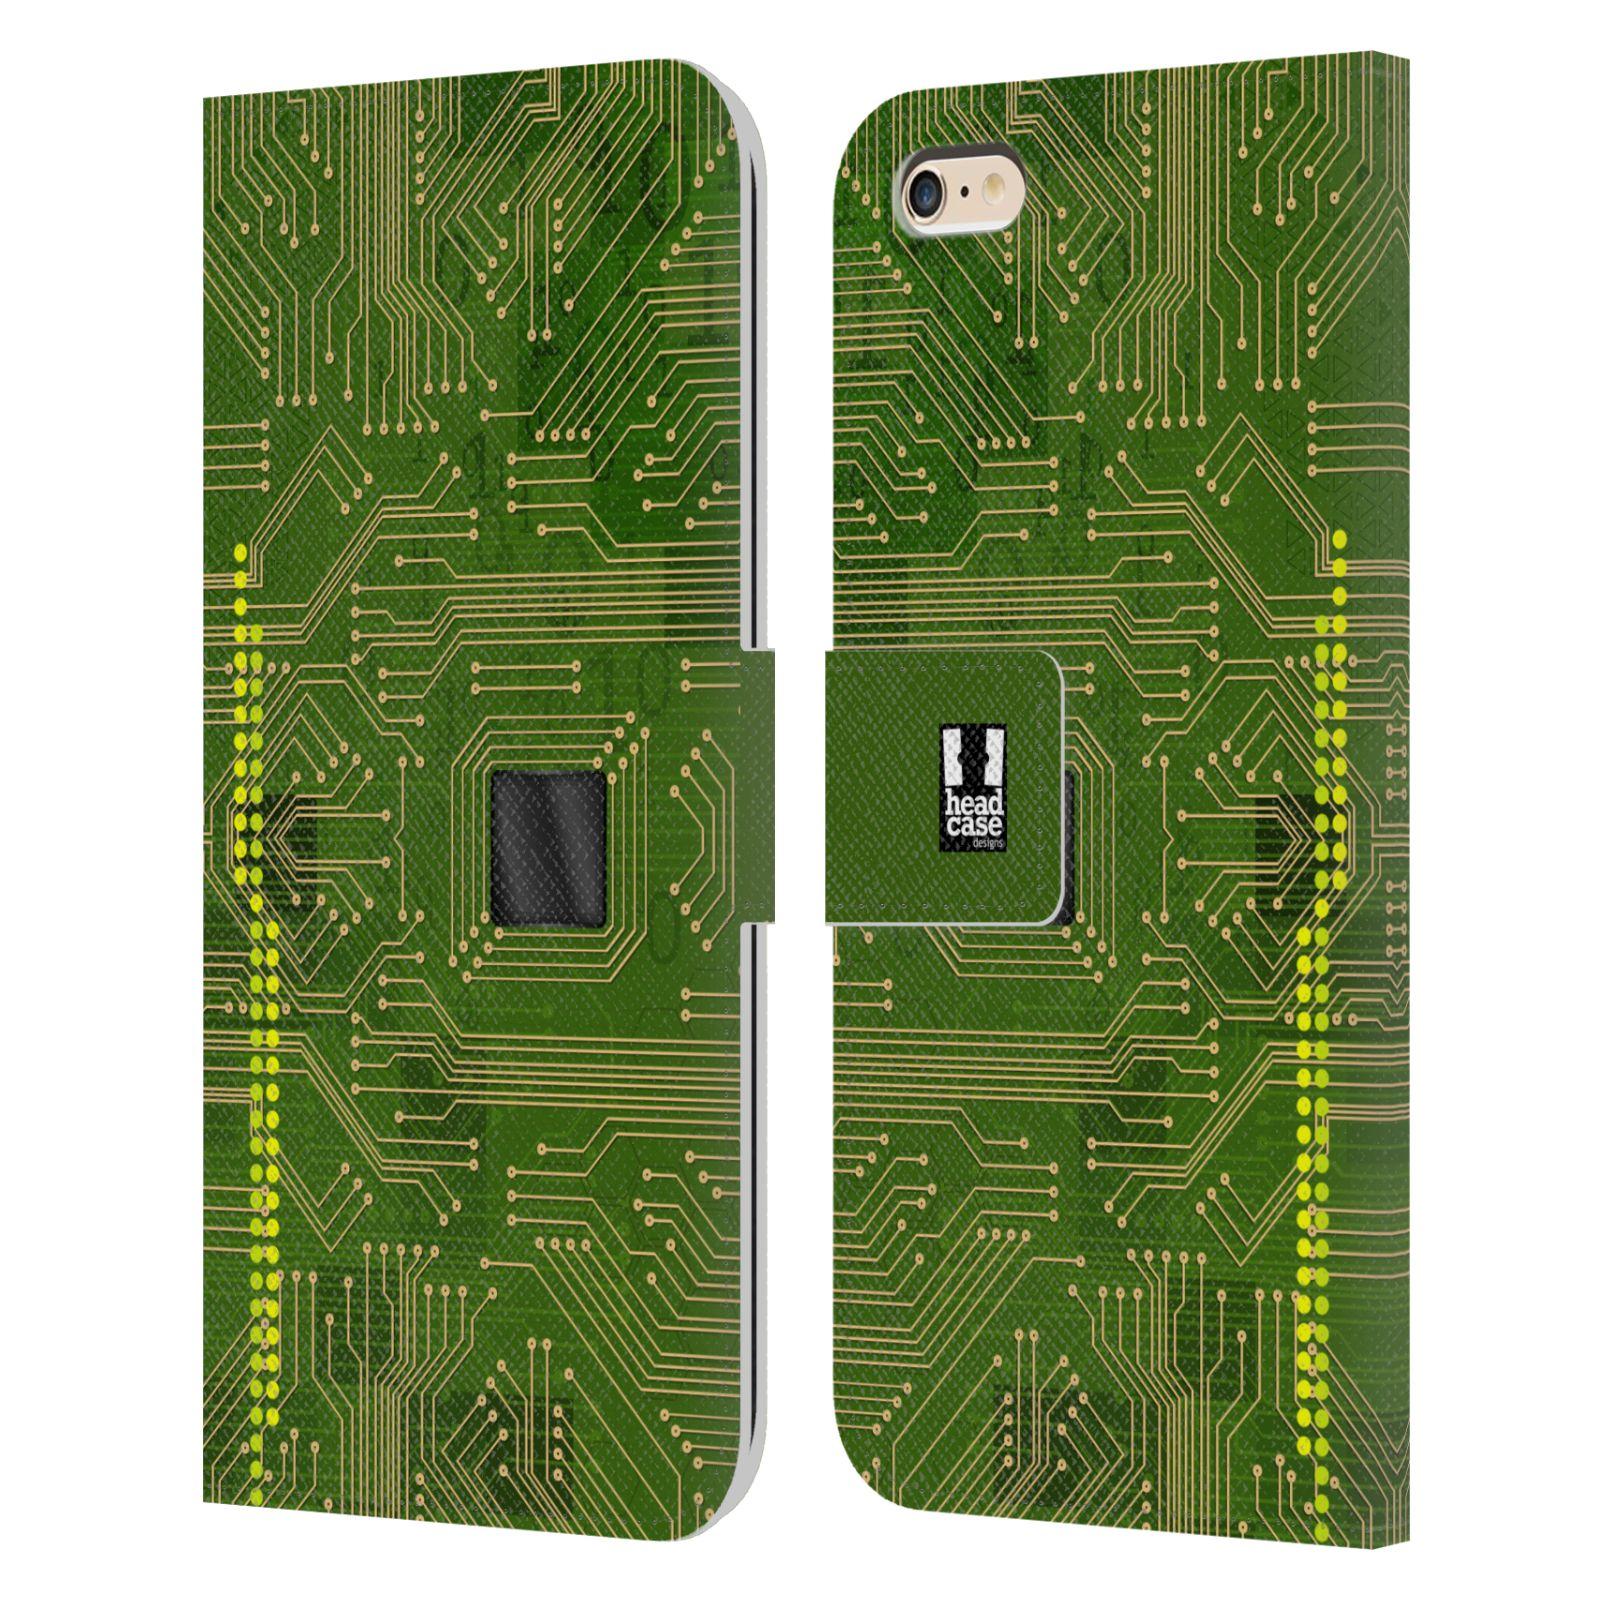 HEAD CASE Flipové pouzdro pro mobil Apple Iphone 6 PLUS / 6S PLUS počítač základní deska zelená barva